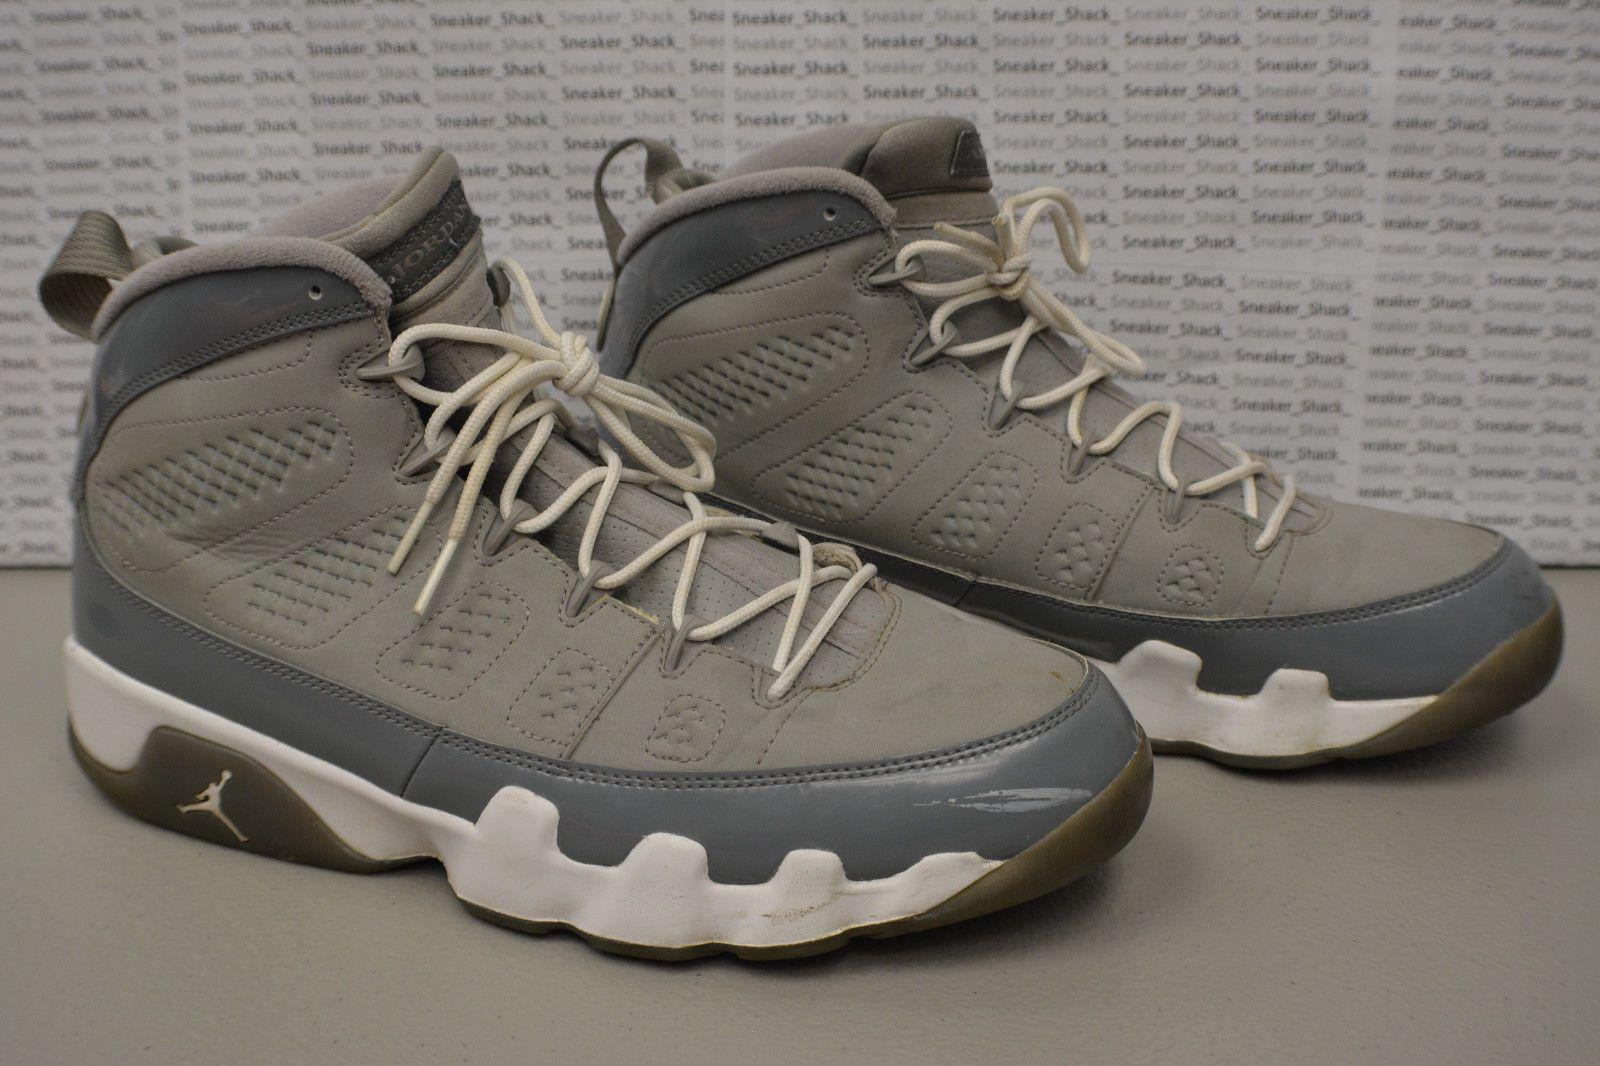 Nike Air Jordan IX 9 Retro COOL GREY WHITE SILVER CHARCOAL 302370-015 Sz 10